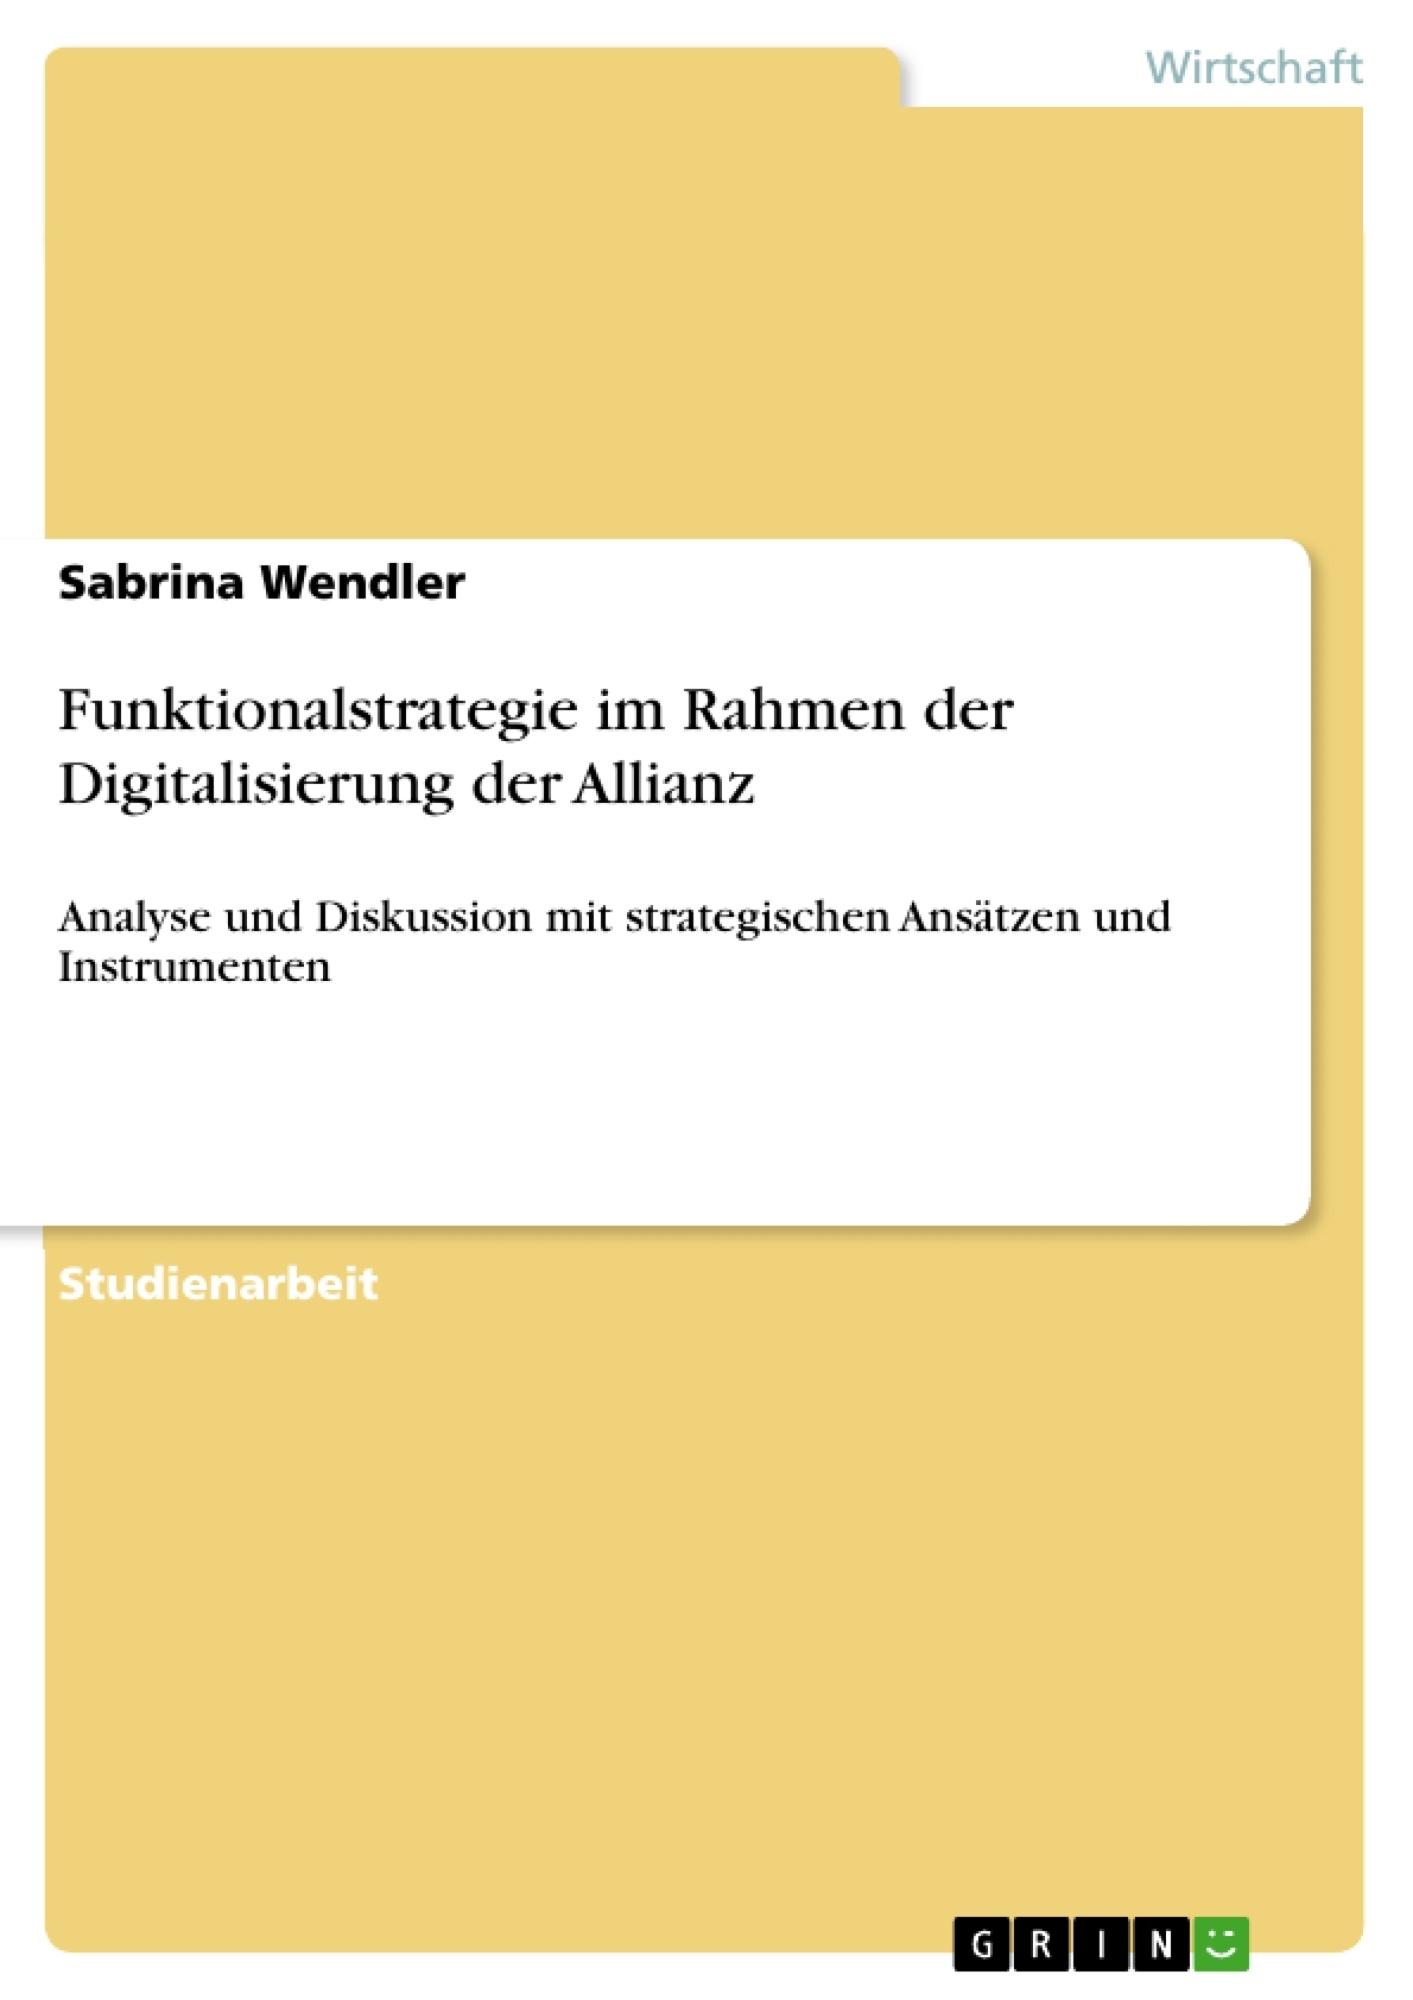 Titel: Funktionalstrategie im Rahmen der Digitalisierung der Allianz